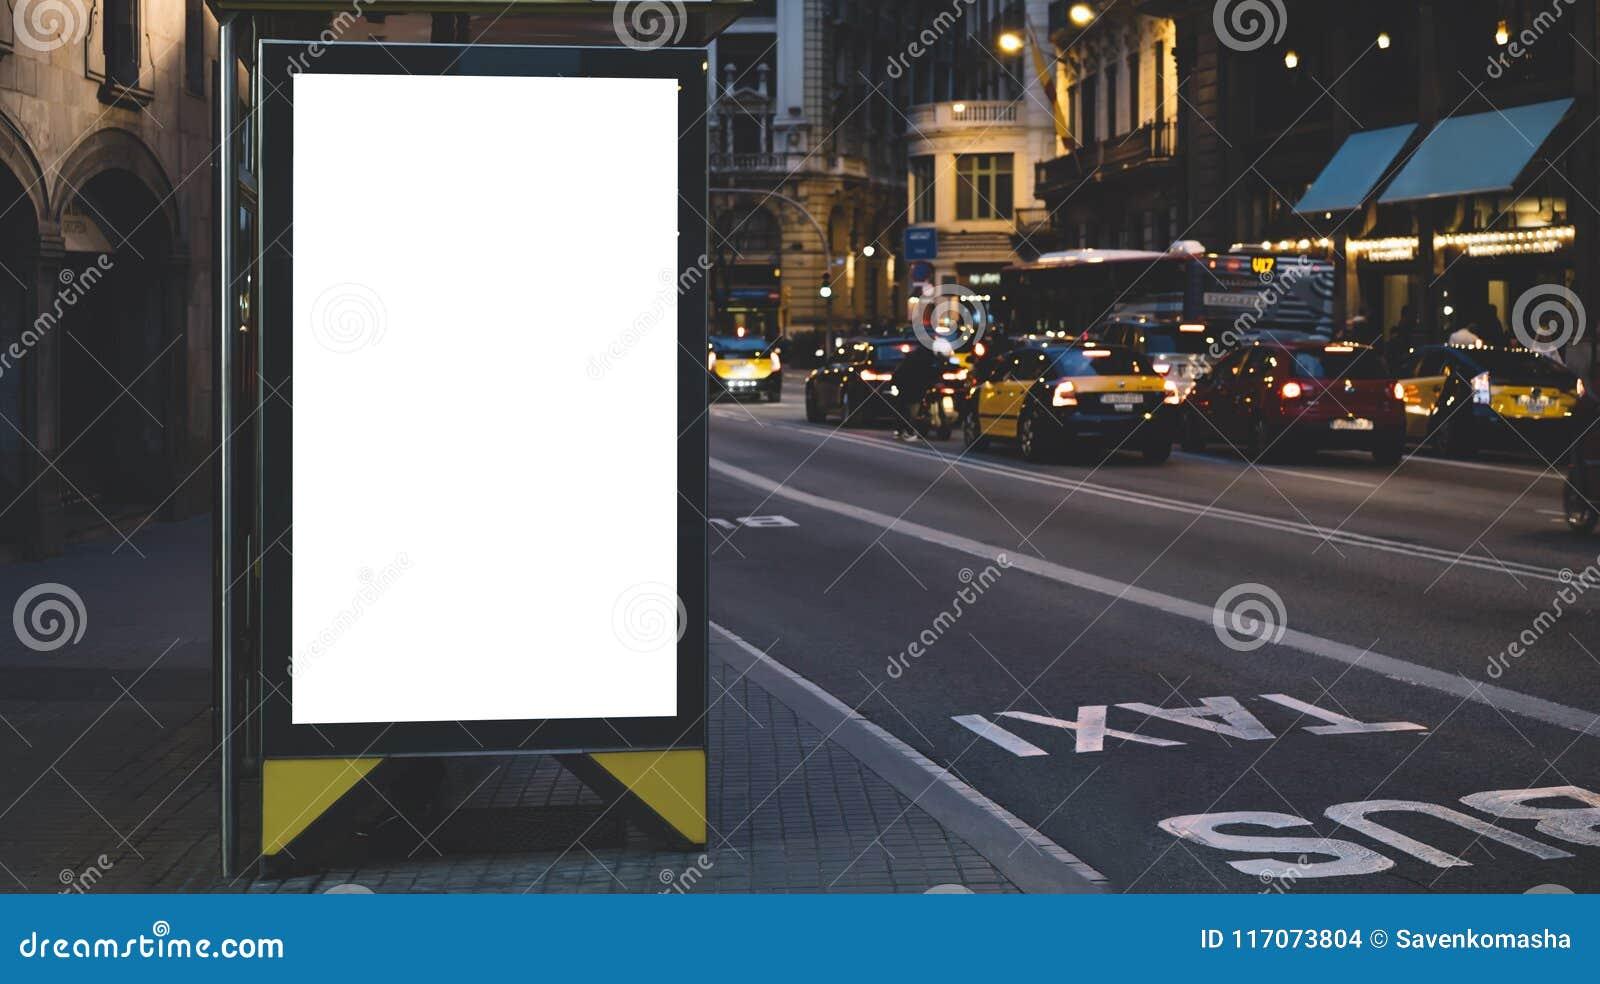 Κενό ελαφρύ κιβώτιο διαφήμισης στη στάση λεωφορείου, πρότυπο του κενού πίνακα διαφημίσεων αγγελιών στη στάση λεωφορείου νύχτας, έ